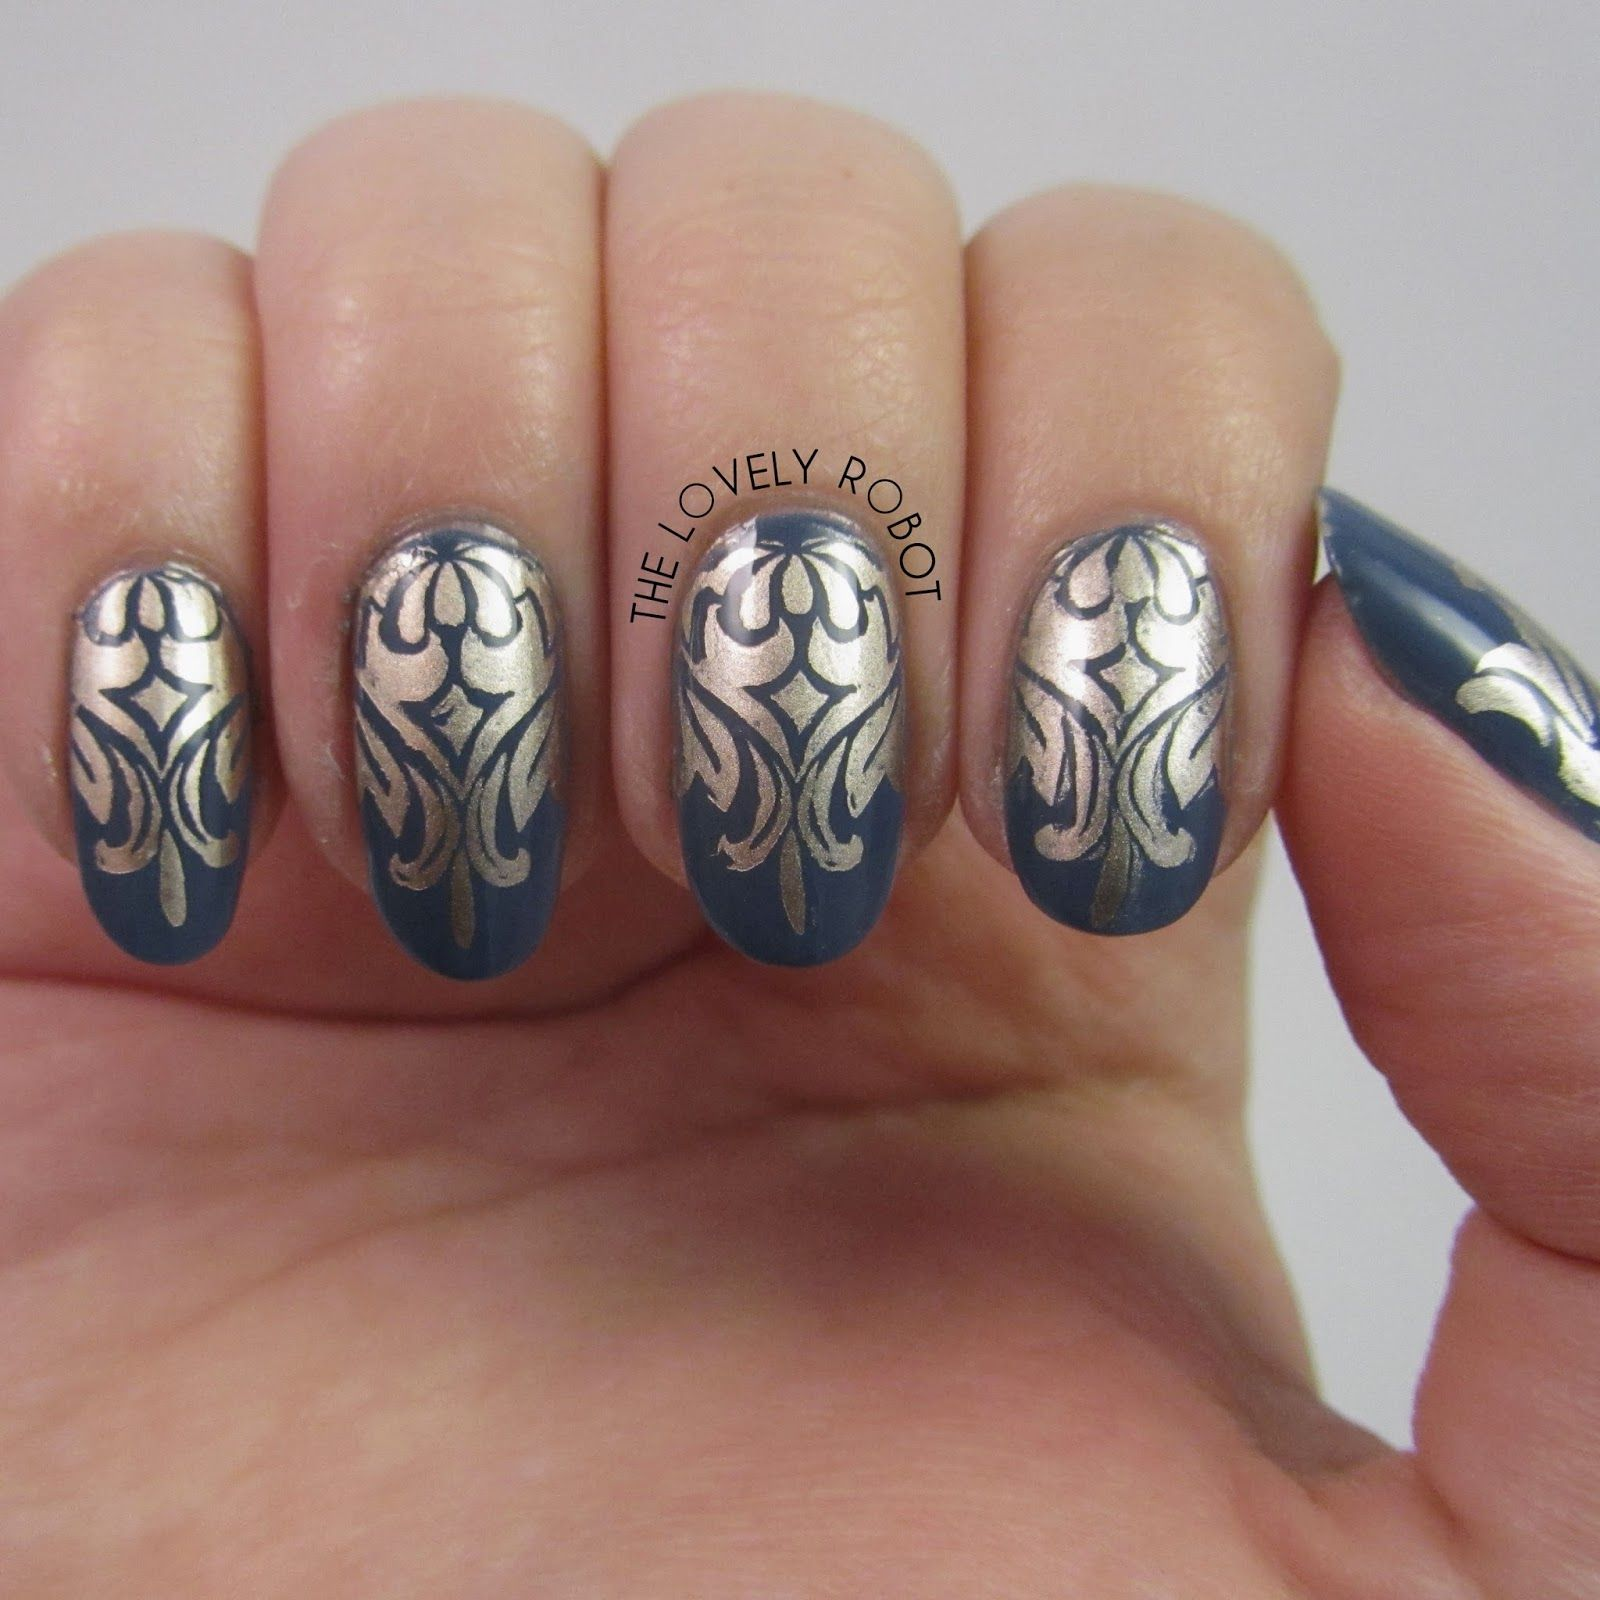 damask nails moyou london fashionista 08   Nail Art   Pinterest ...